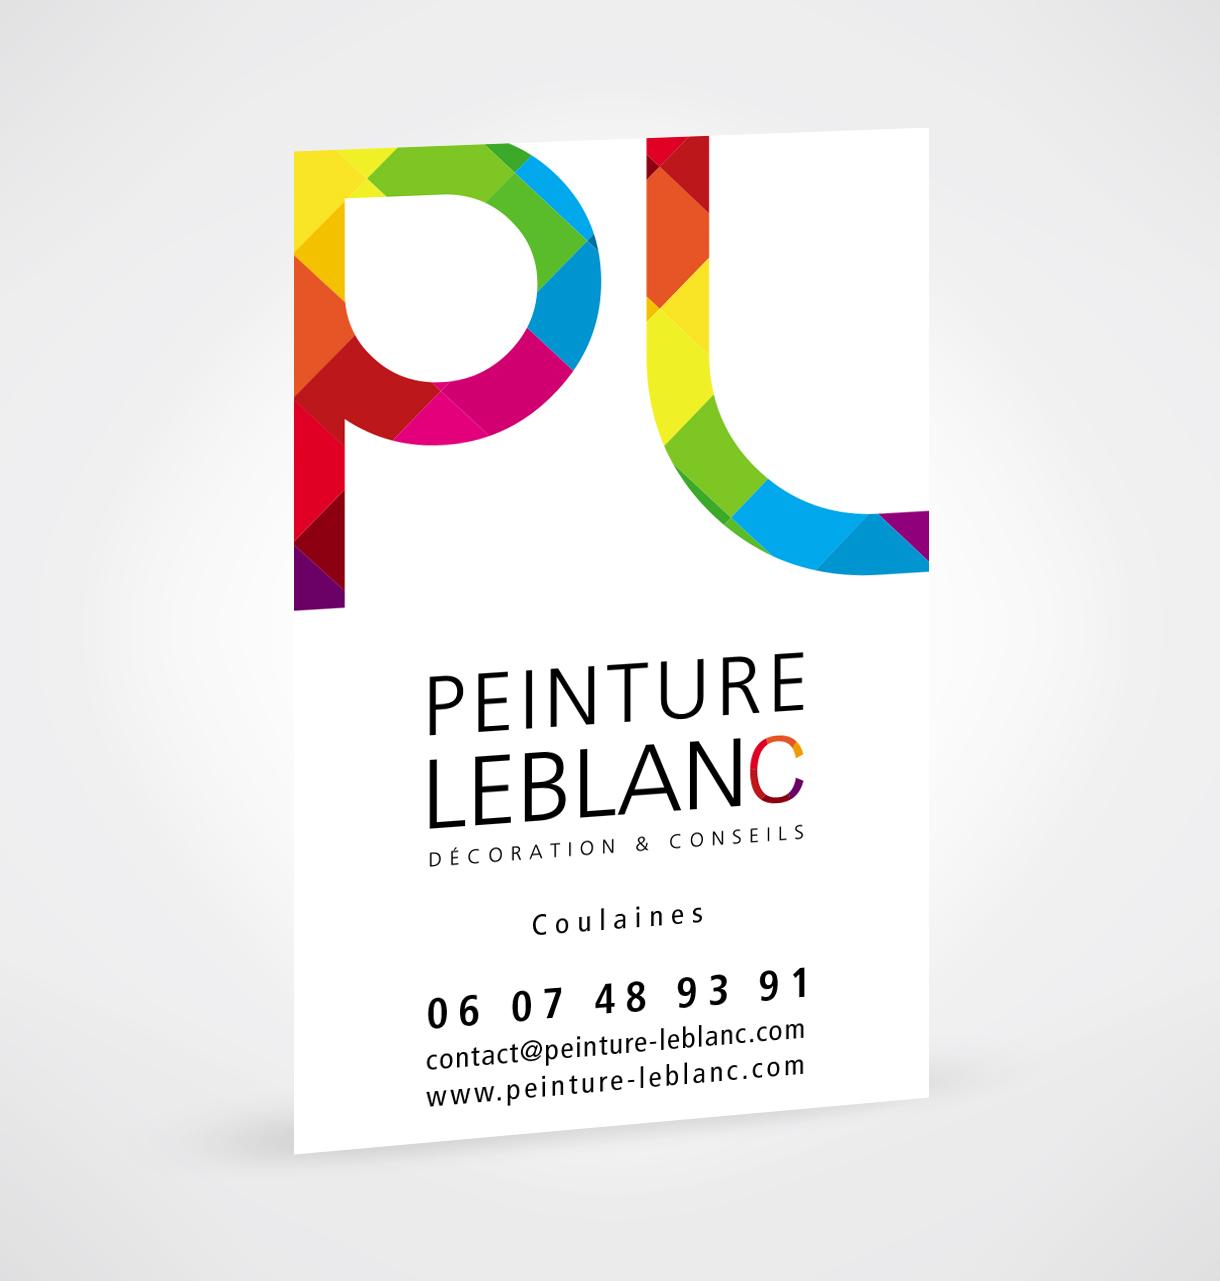 Cration Dune Carte De Visite Pour Peinture Leblanc